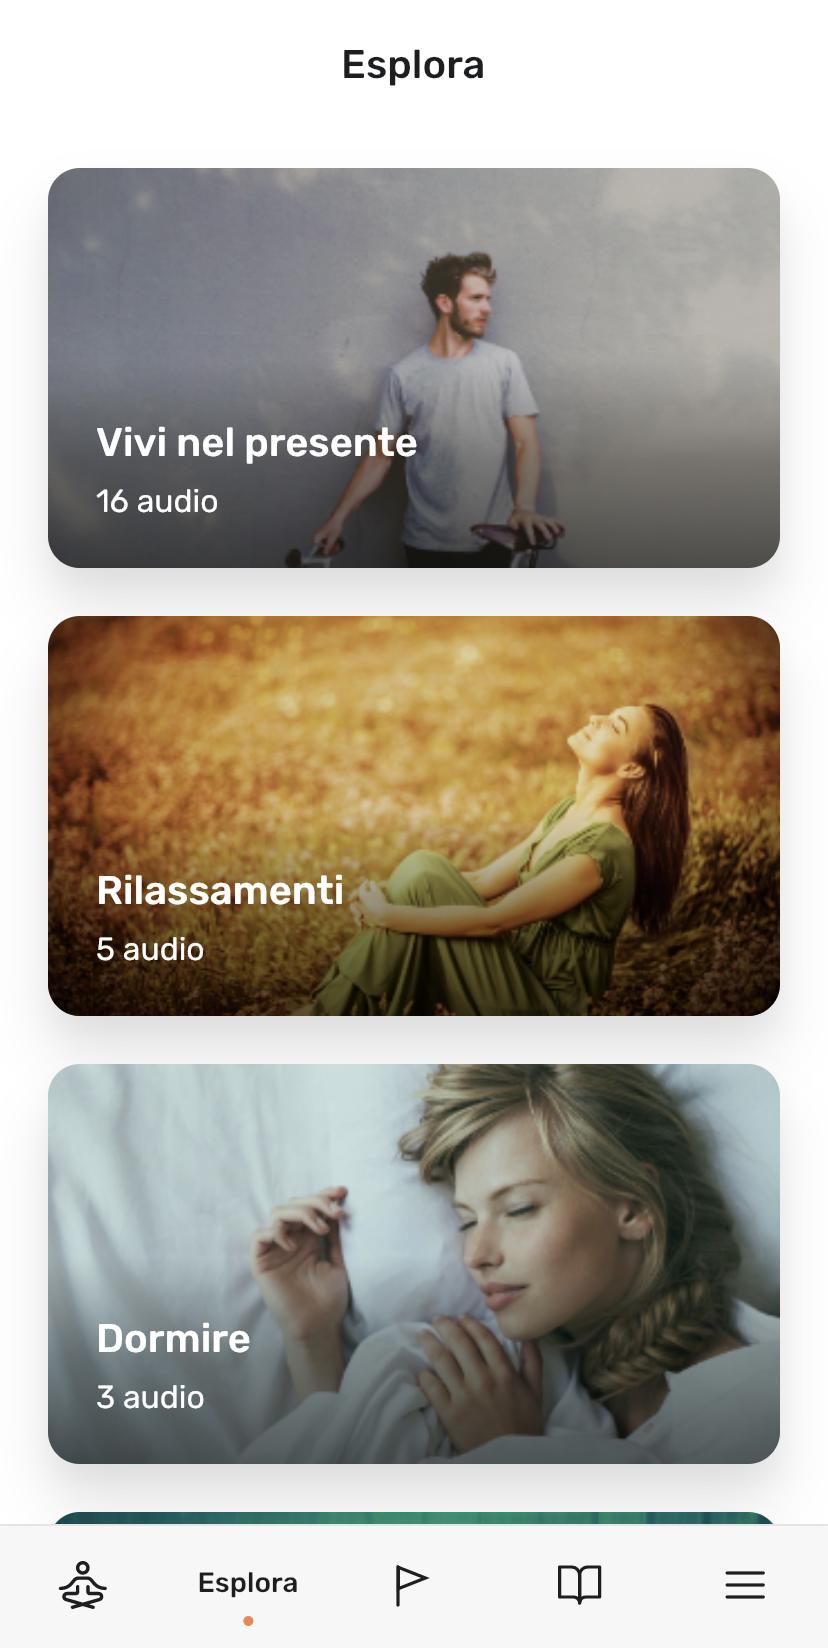 screenshot della sezione Esplora in Clarity app